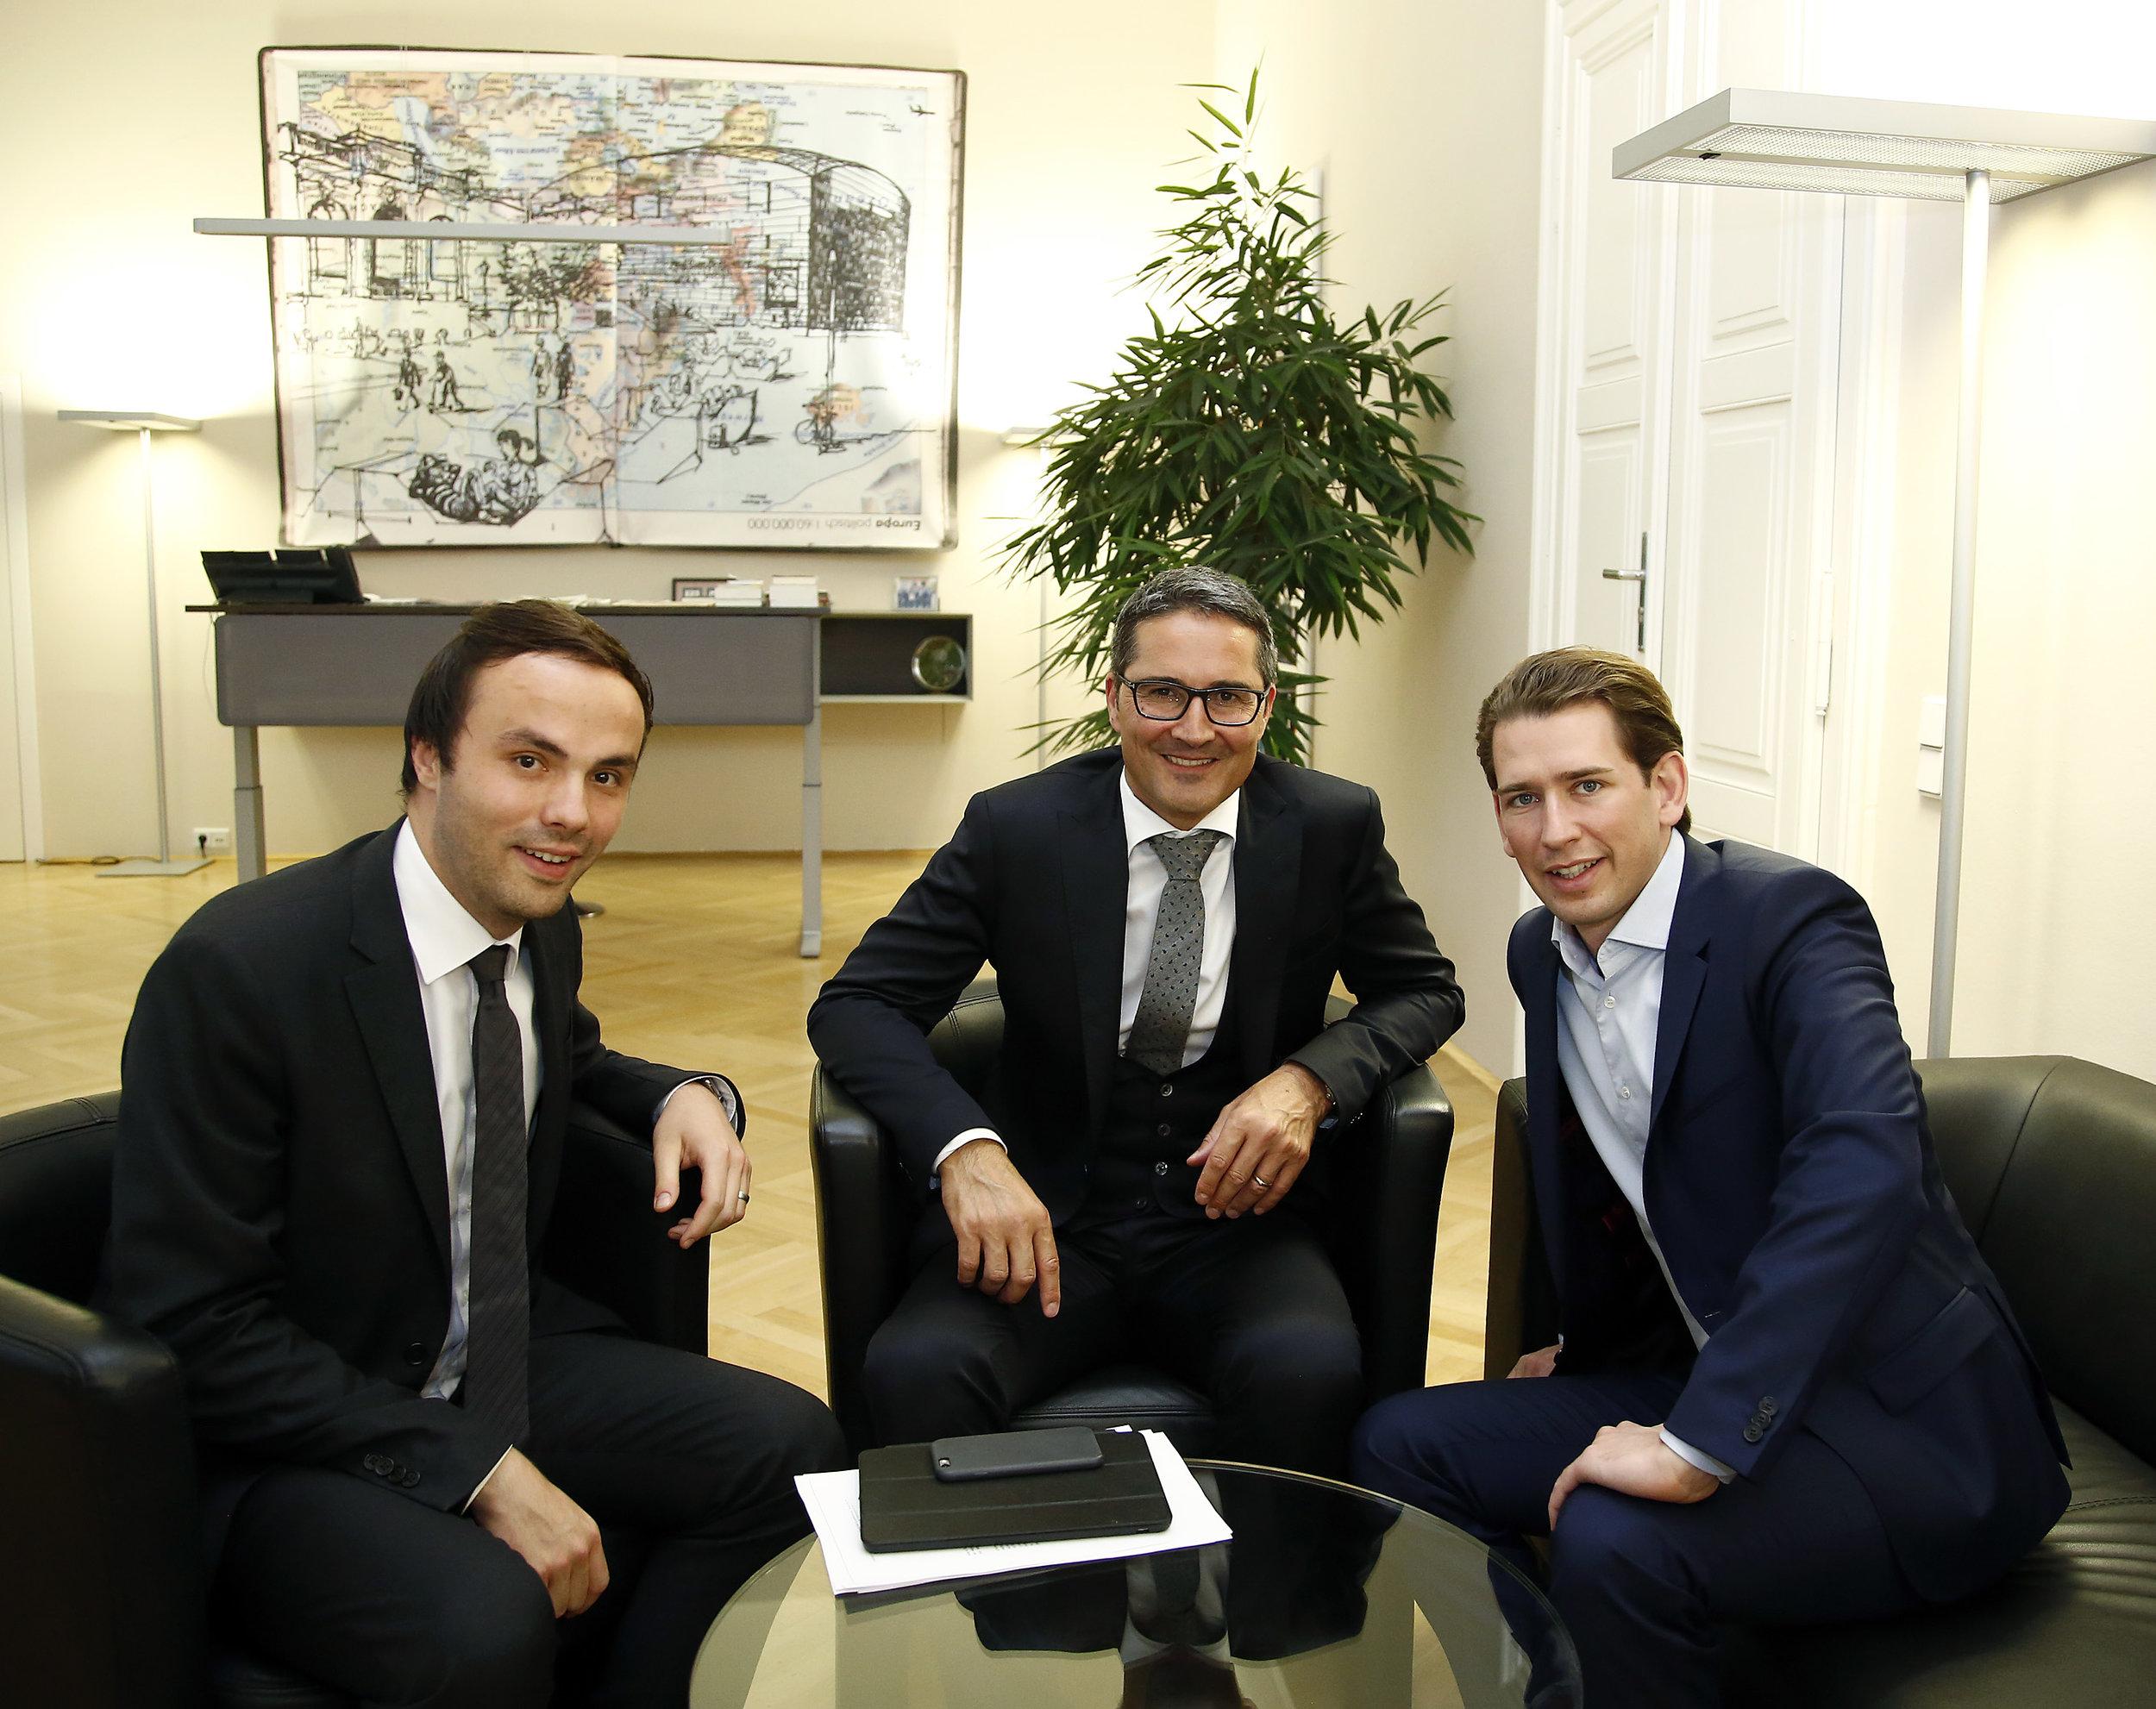 Außenminister und Bundesparteiobmann Sebastian Kurz empfing uns in seinem Büro.